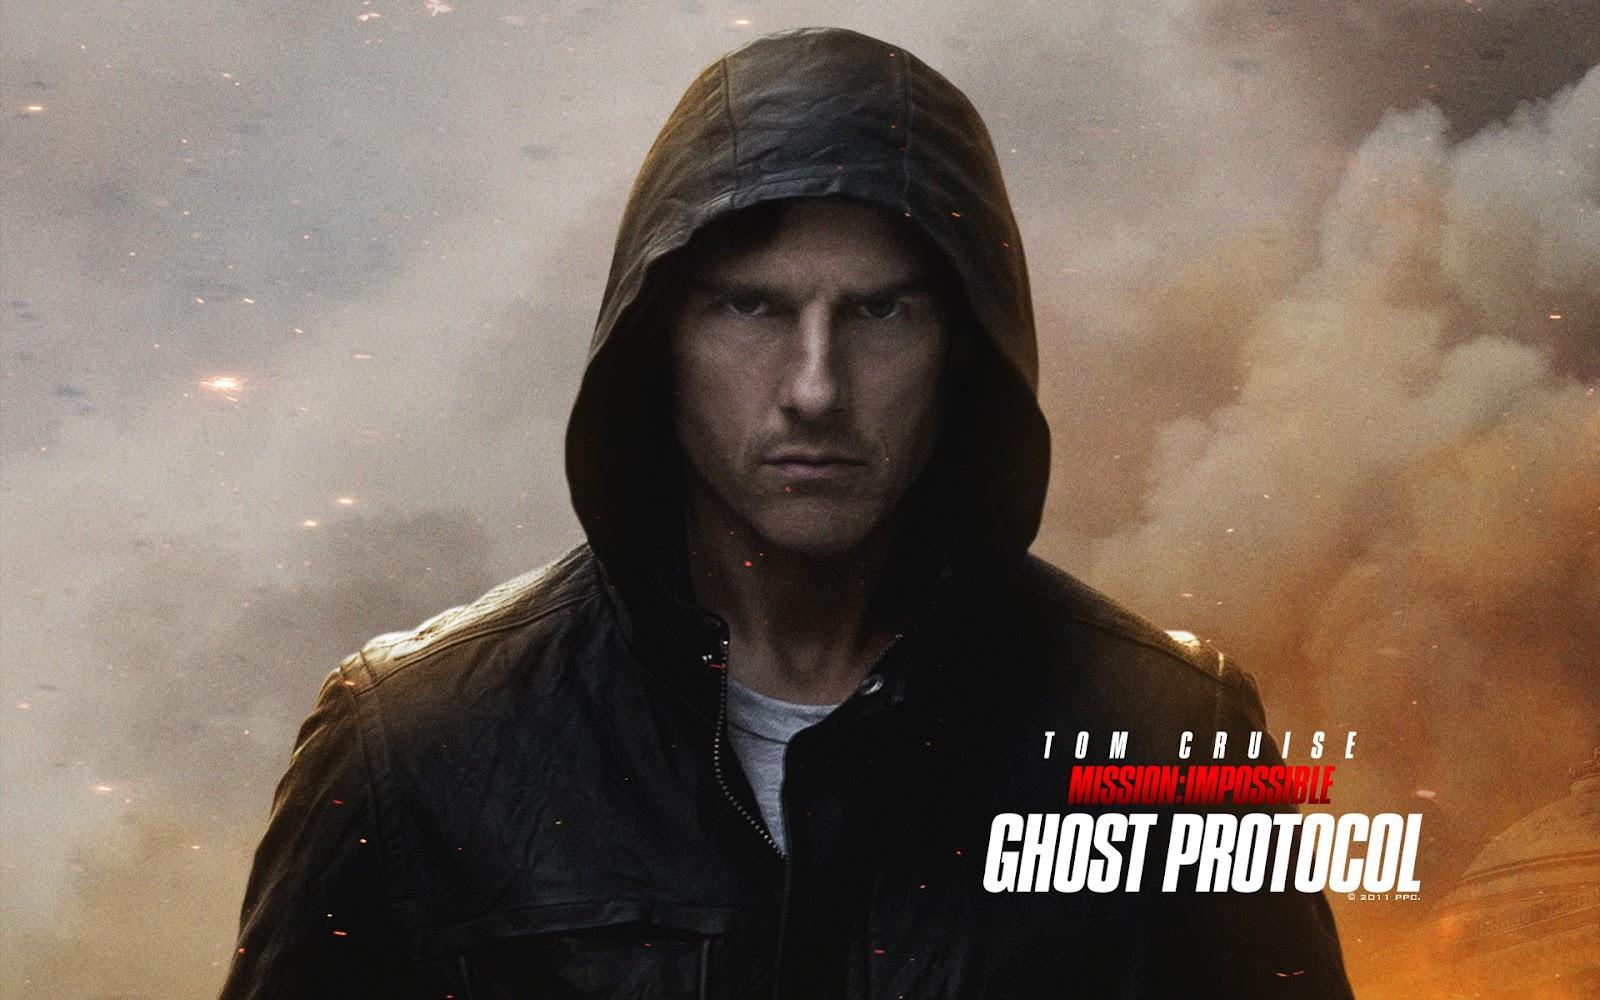 http://1.bp.blogspot.com/-E9kmsRUQXn0/T0shsK9POwI/AAAAAAAAAJs/ySJ71cjDUeU/s1600/Mission-Impossible-4-Ghost-Protocol-Wallpapers-1.jpg